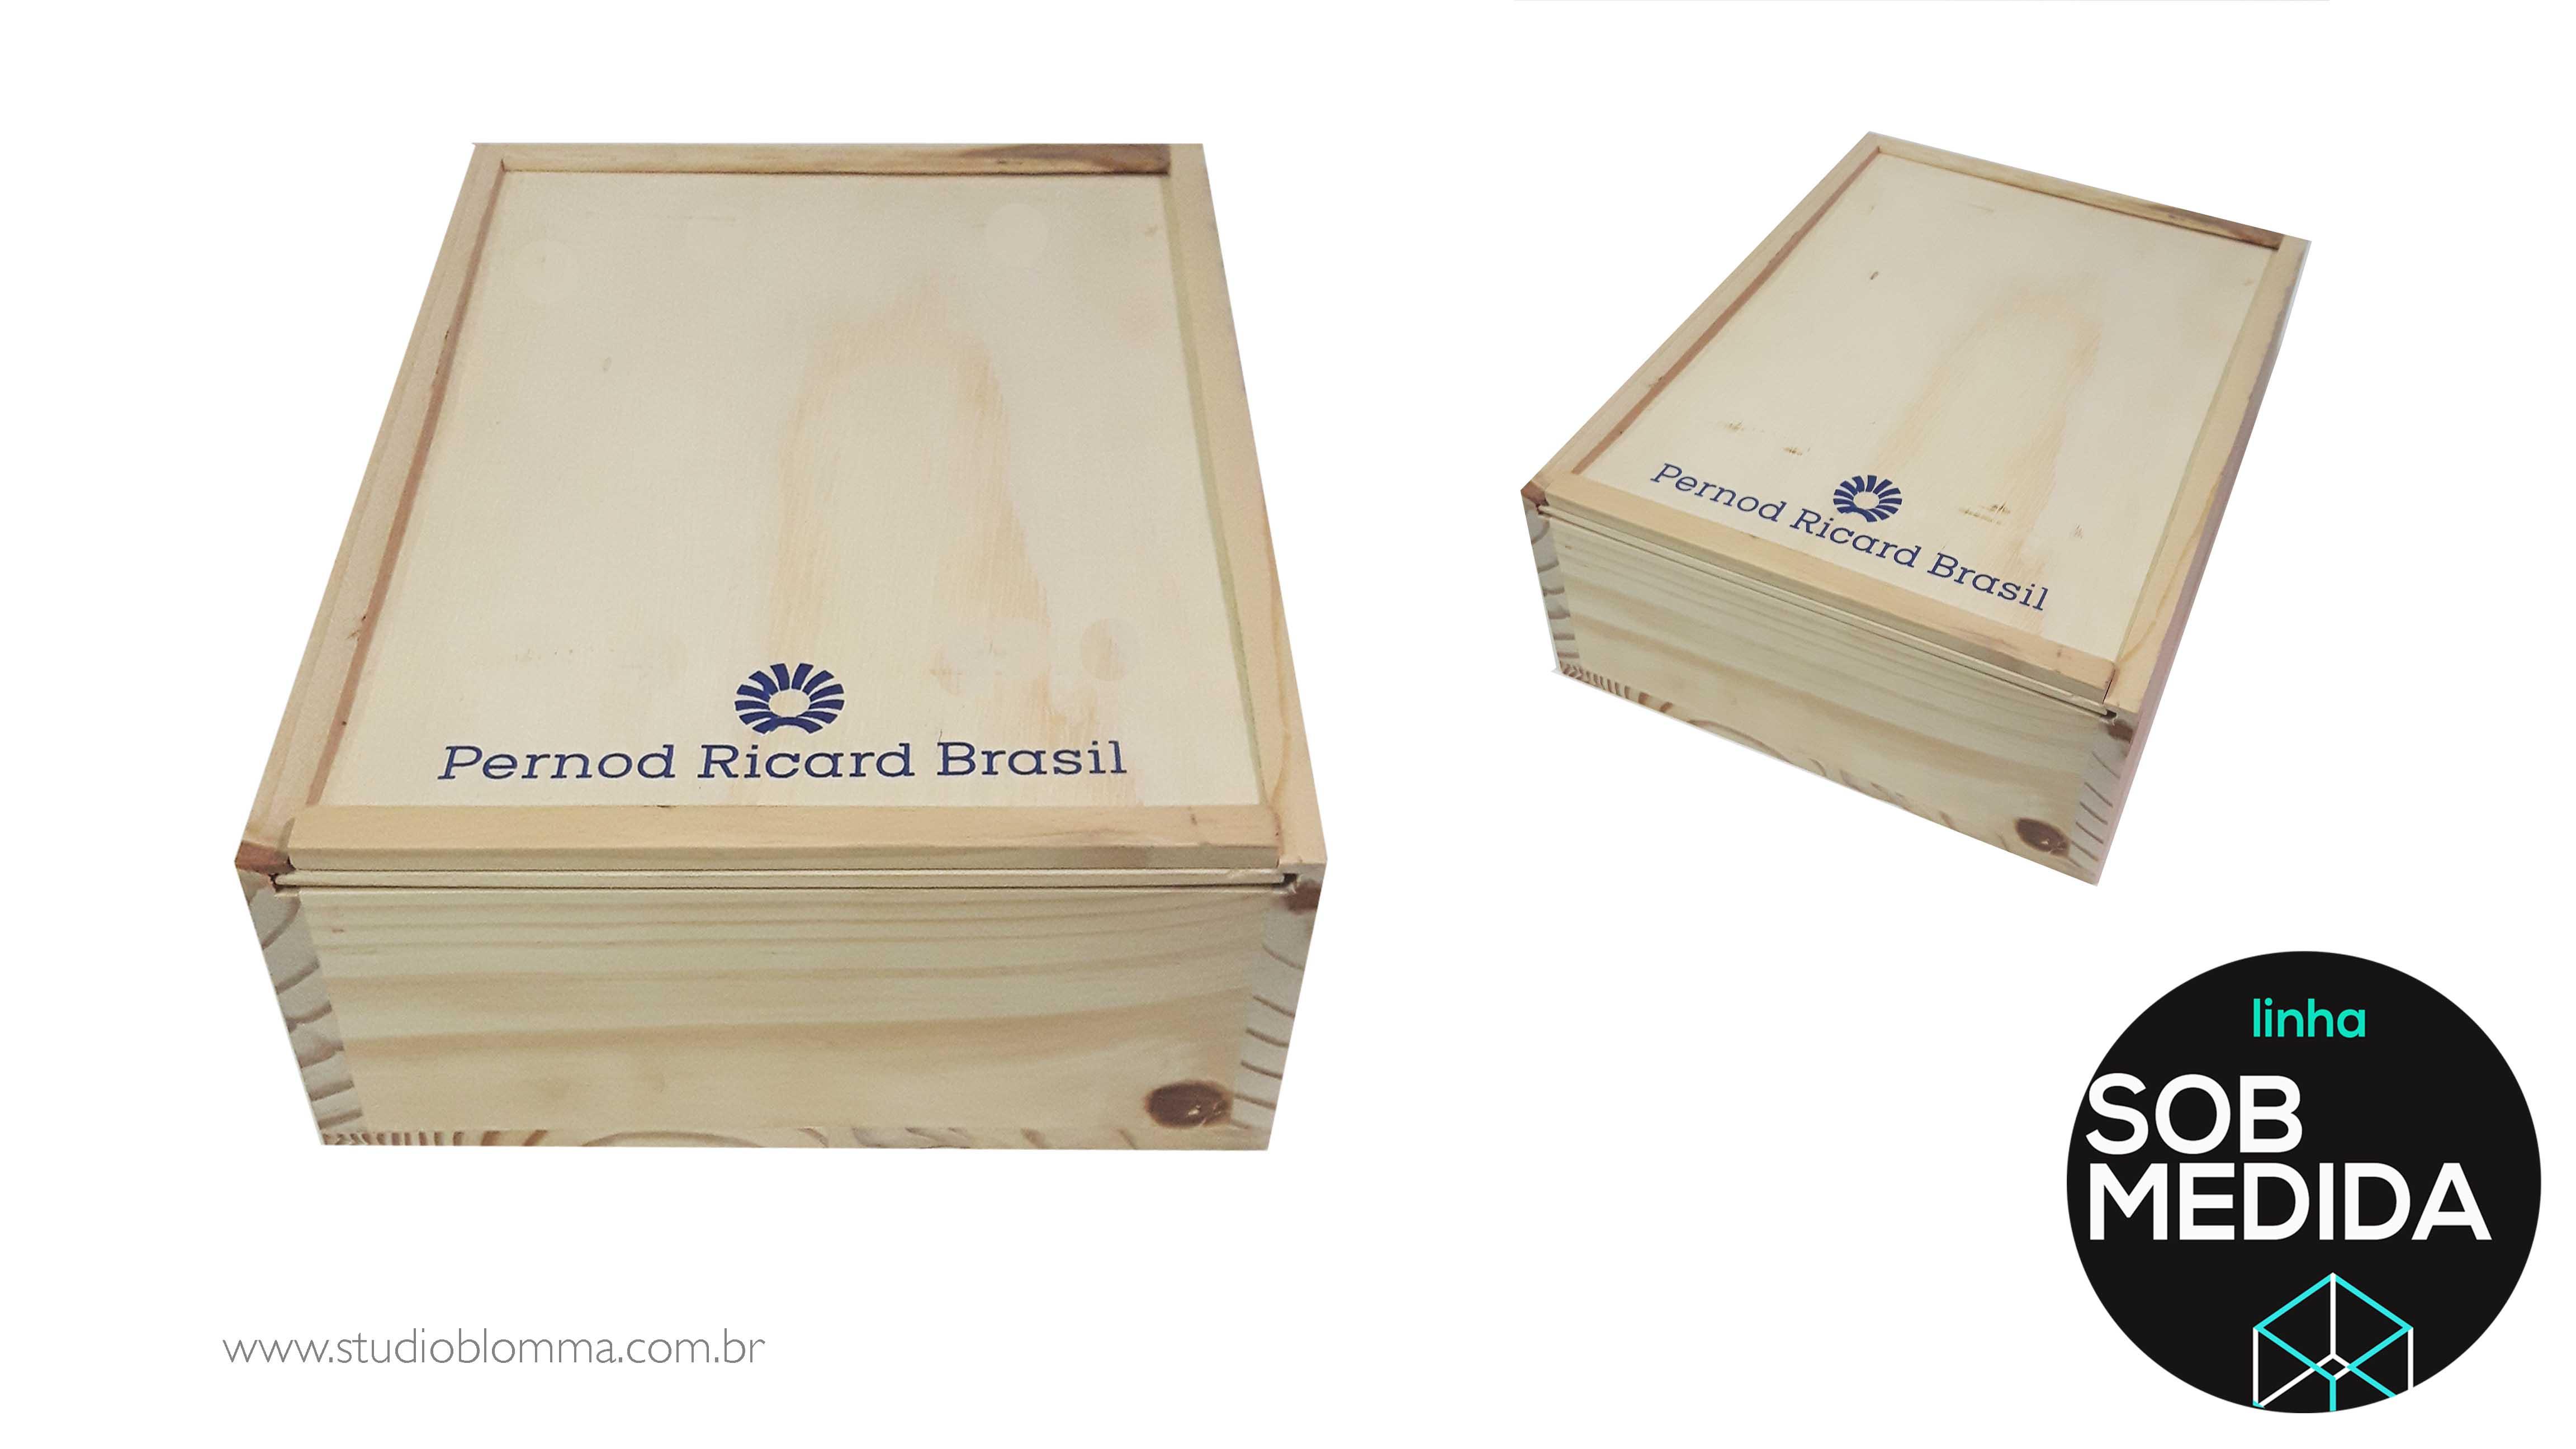 Pernord Riccard Brasil